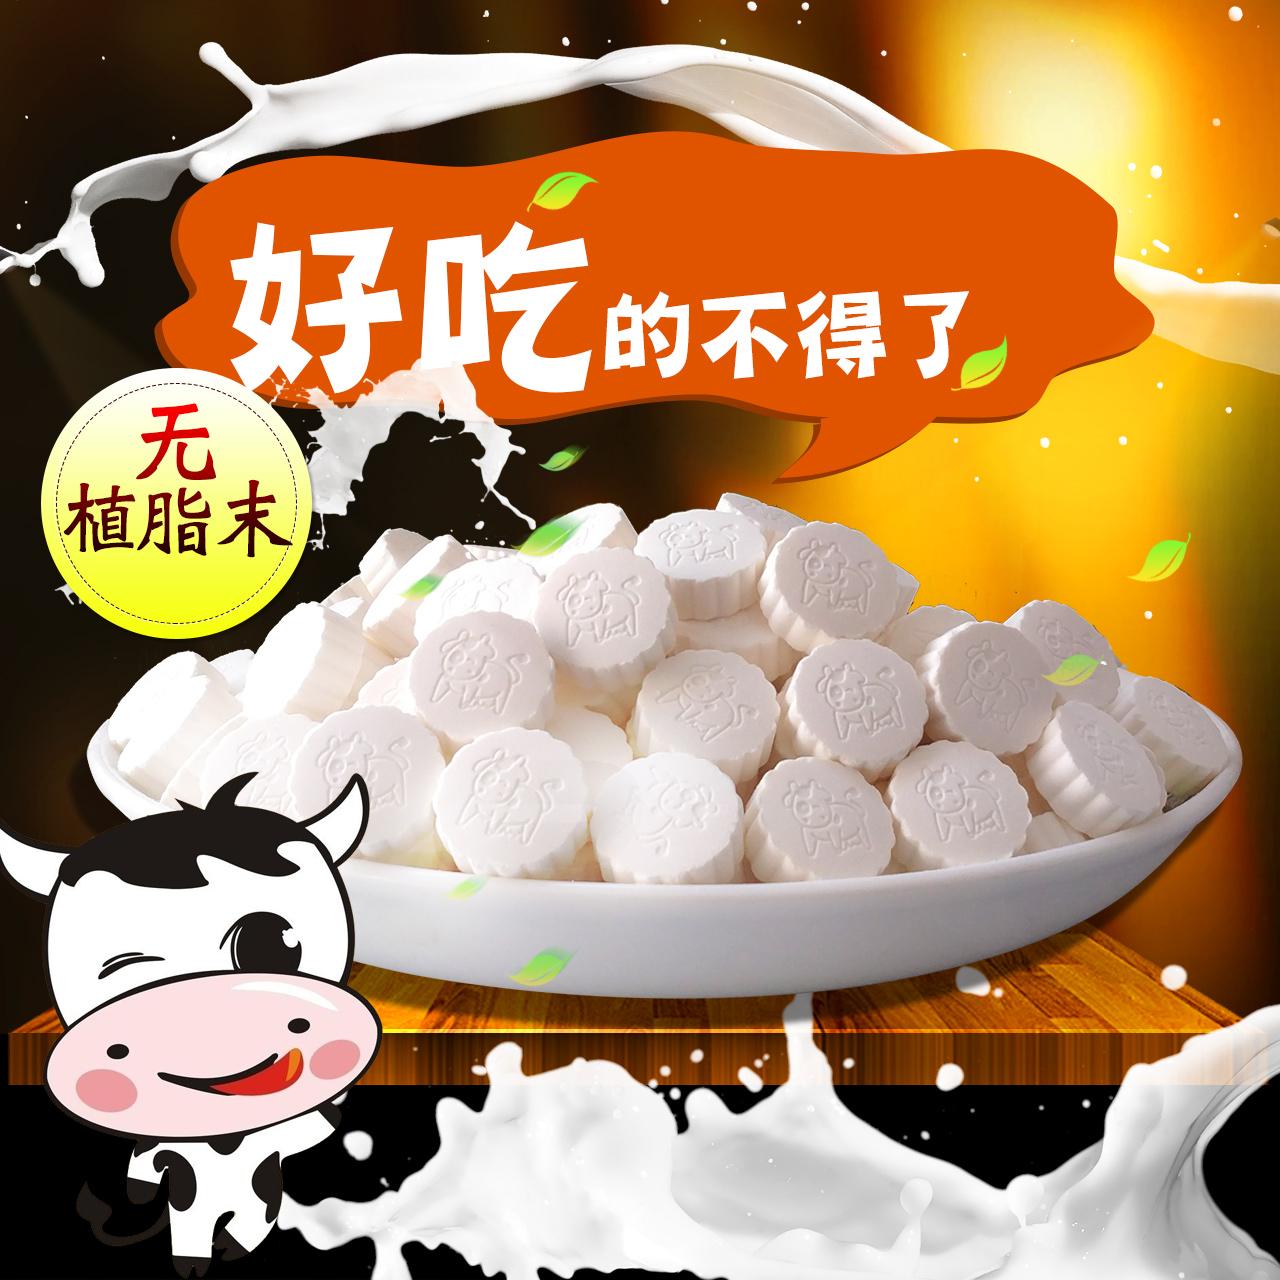 奶贝 蒙凯乐原奶制品零食牛奶内蒙古特产奶酪儿童